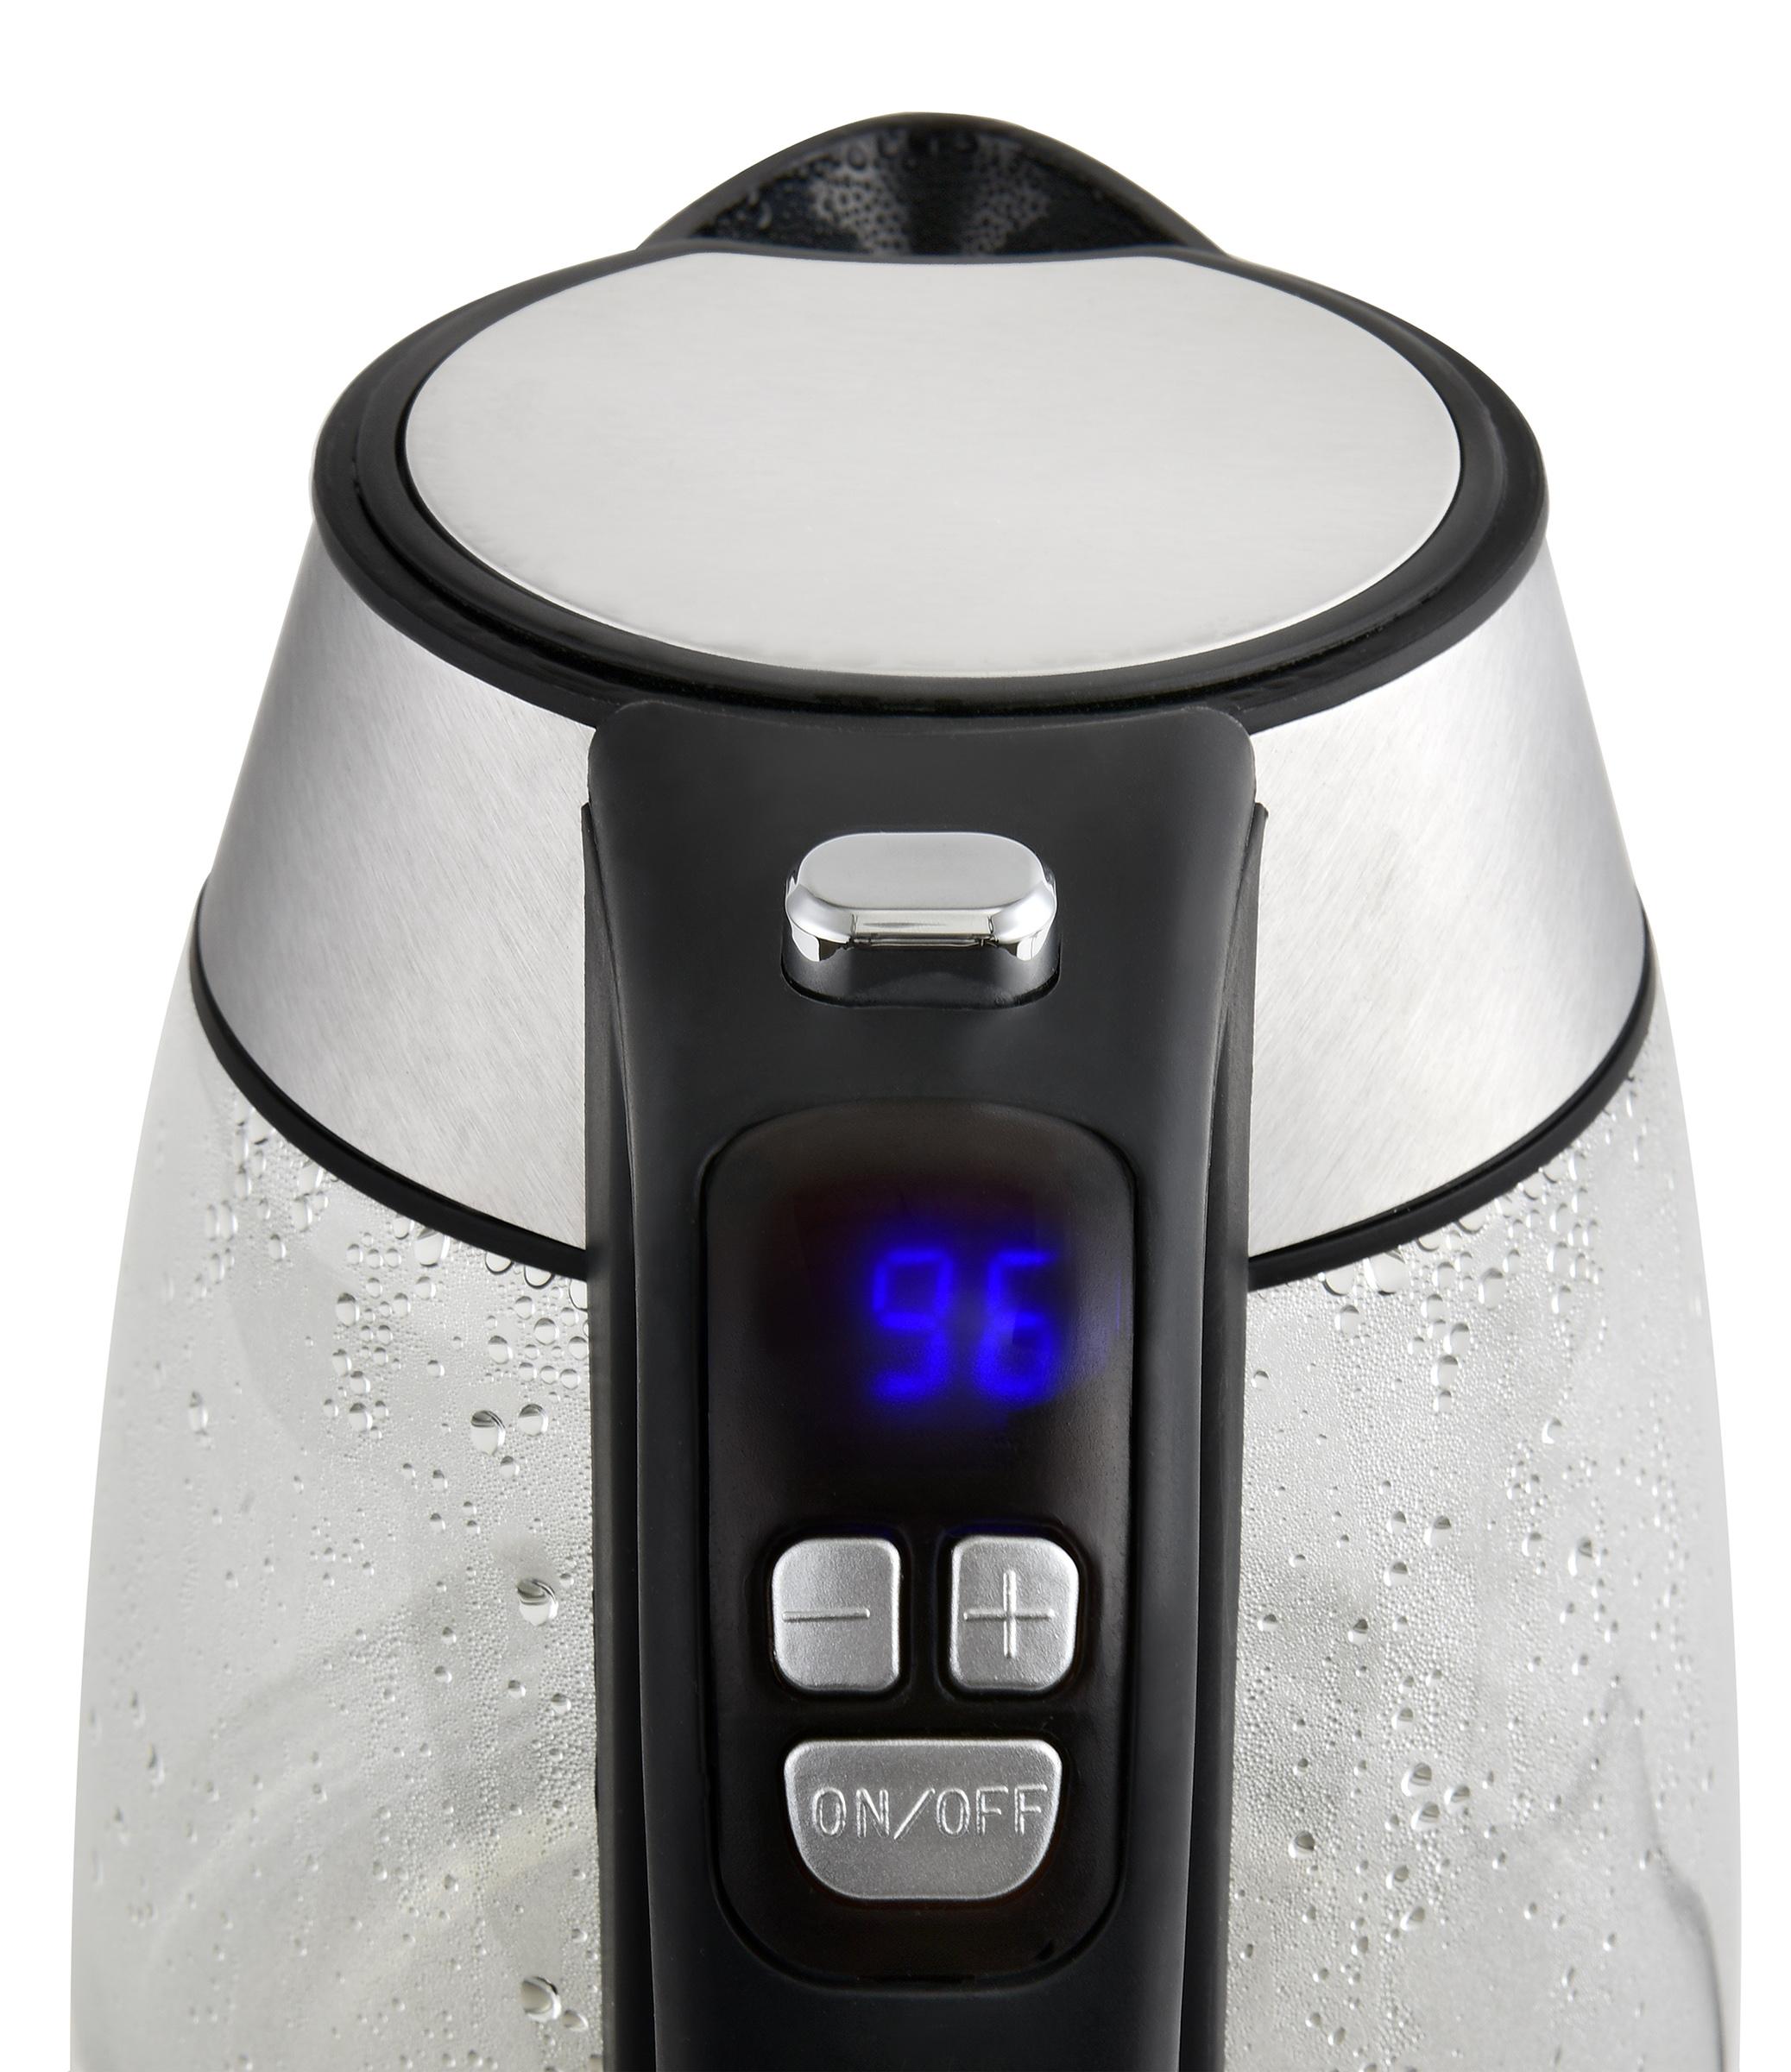 Regelbarer Glas-Wasserkocher 1,7L digitale Steuerung LED-Beleuchtung NEU*35319 Bild 5